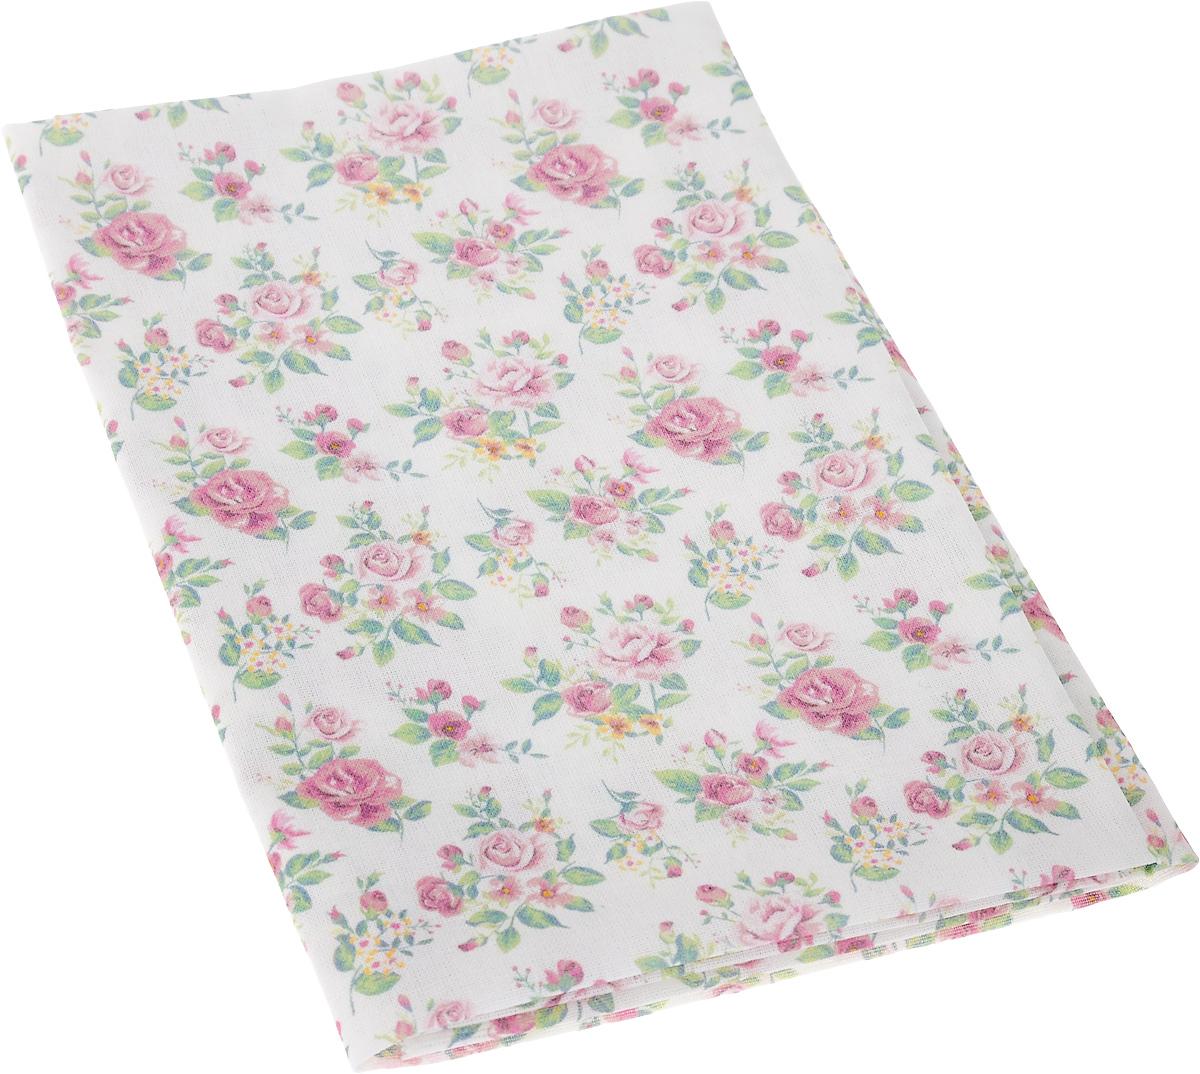 Ткань для пэчворка Артмикс Нежные розы шебби, цвет: белый, розовый, зеленый, 48 x 50 смAM597002Ткань Артмикс Нежные розы шебби, изготовленная из 100% хлопка, предназначена для пошива одеял, покрывал, сумок, аппликаций и прочих изделий в технике пэчворк. Также подходит для пошива кукол, аксессуаров и одежды.Пэчворк - это вид рукоделия, при котором по принципу мозаики сшивается цельное изделие из кусочков ткани (лоскутков). Плотность ткани: 120 г/м2.УВАЖАЕМЫЕ КЛИЕНТЫ!Обращаем ваше внимание, на тот факт, что размер отреза может отличаться на 1-2 см.